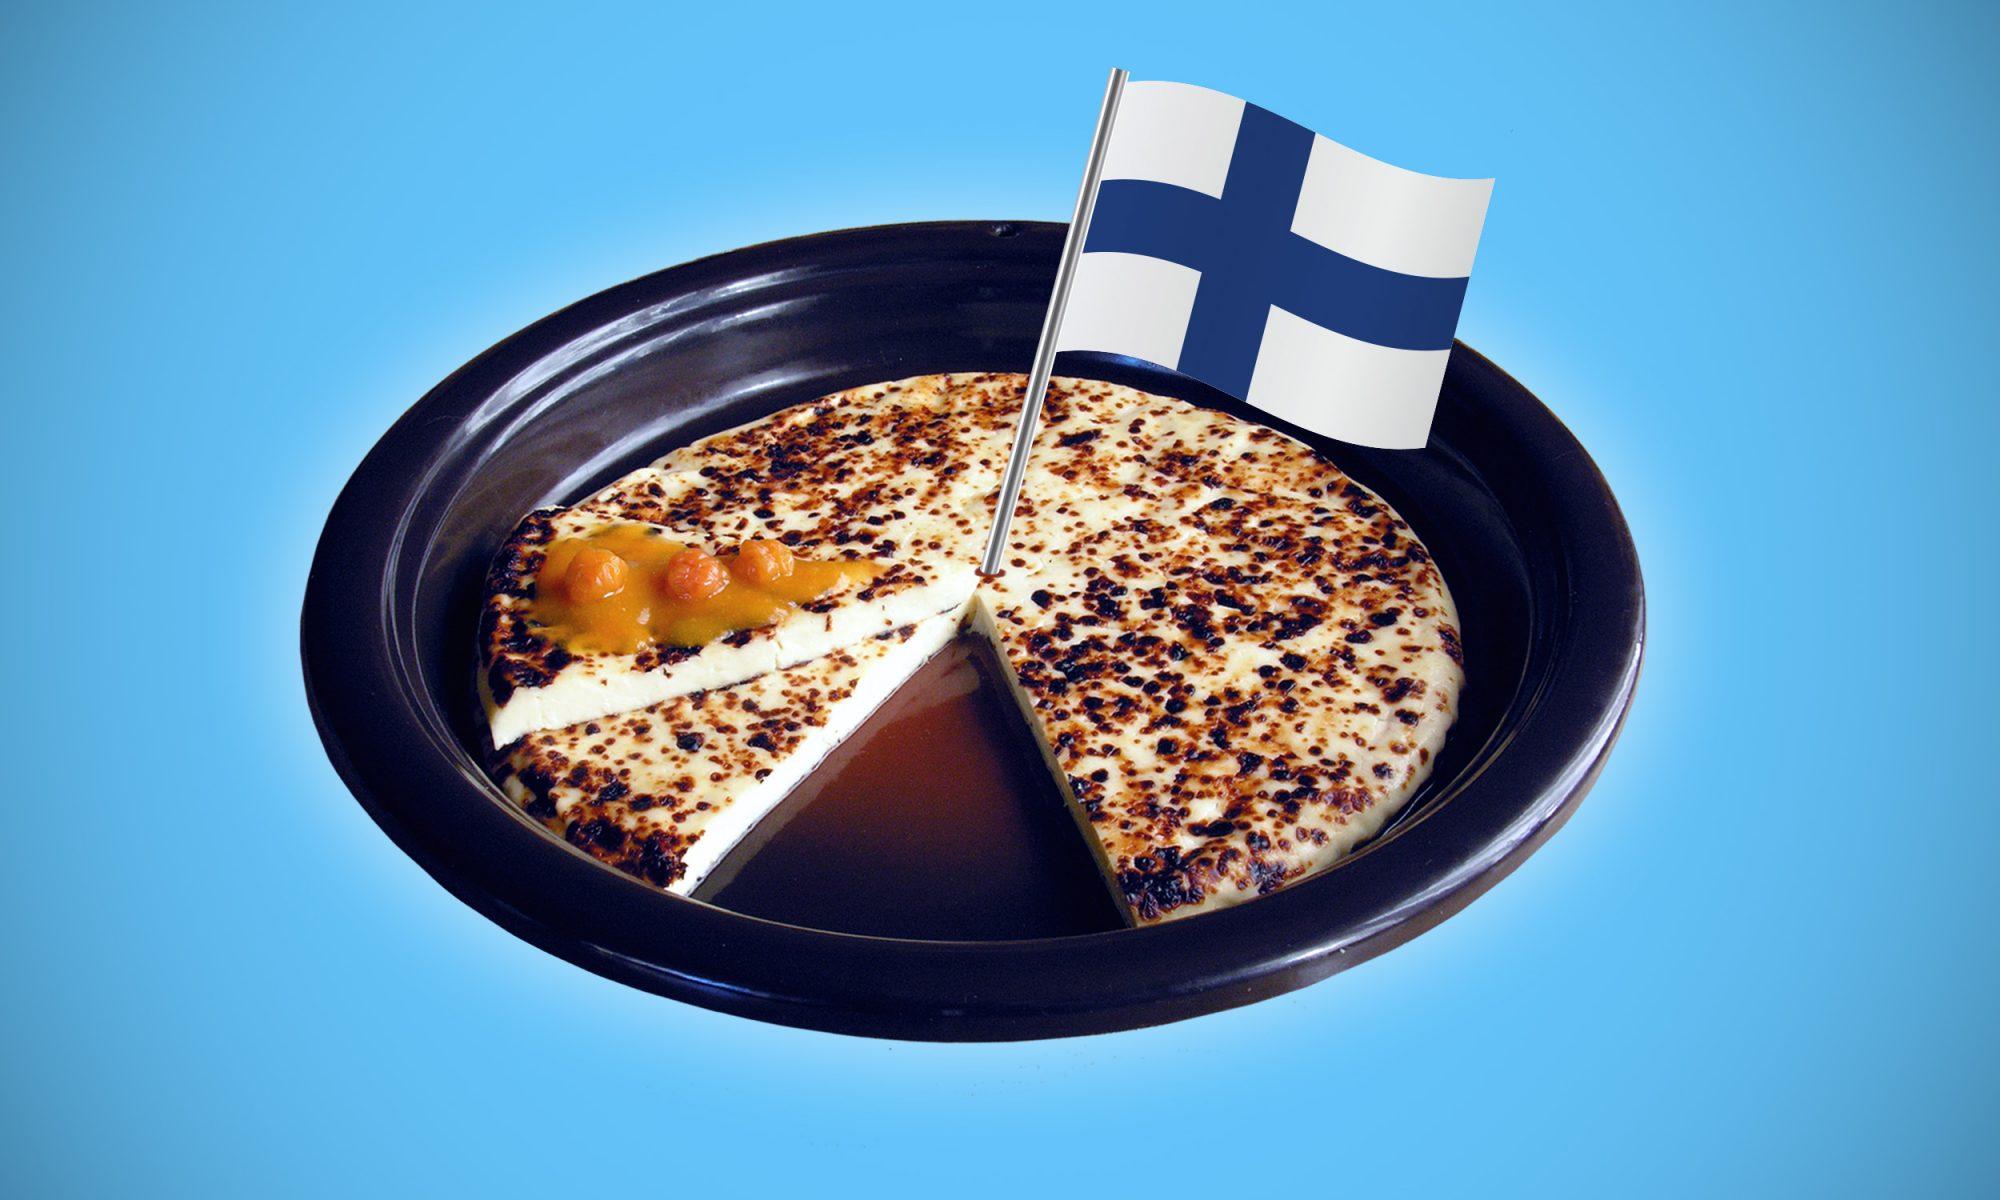 Leipäjuusto Finnish cheese